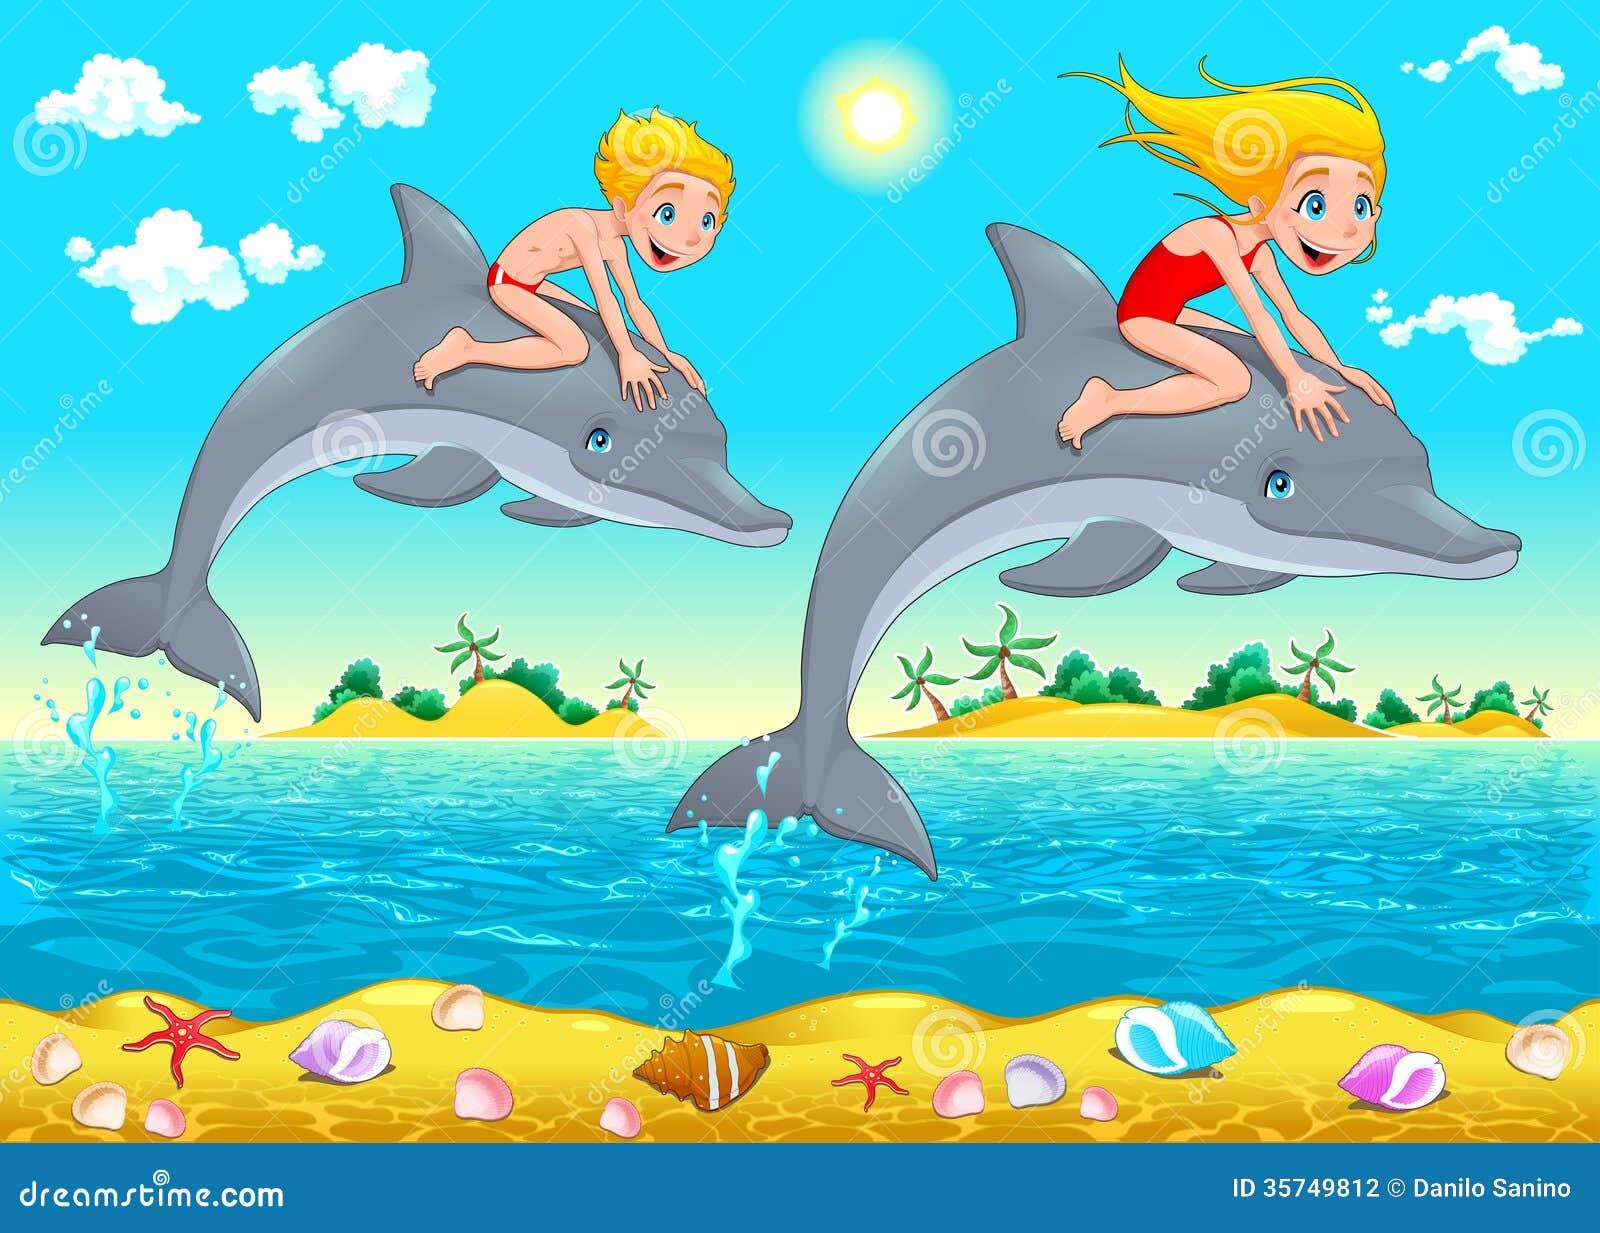 Junge, Mädchen und Delphin im Meer.